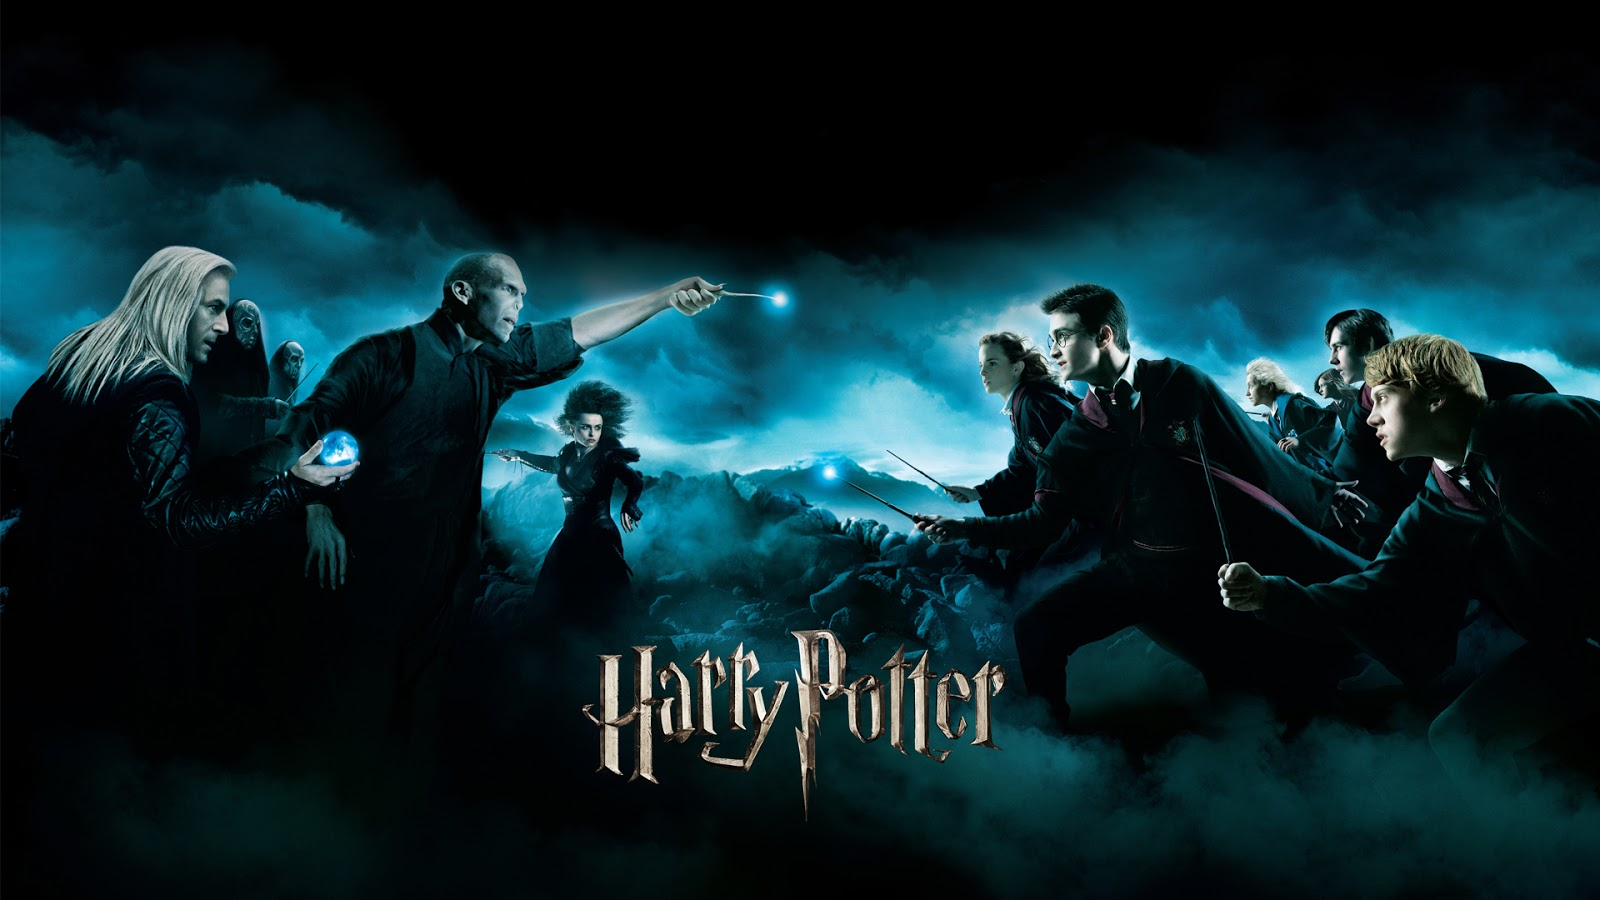 سنة حافلة لعشاق هاري بوتر: مسرحية، 3 مجموعات قصصية وفيلم